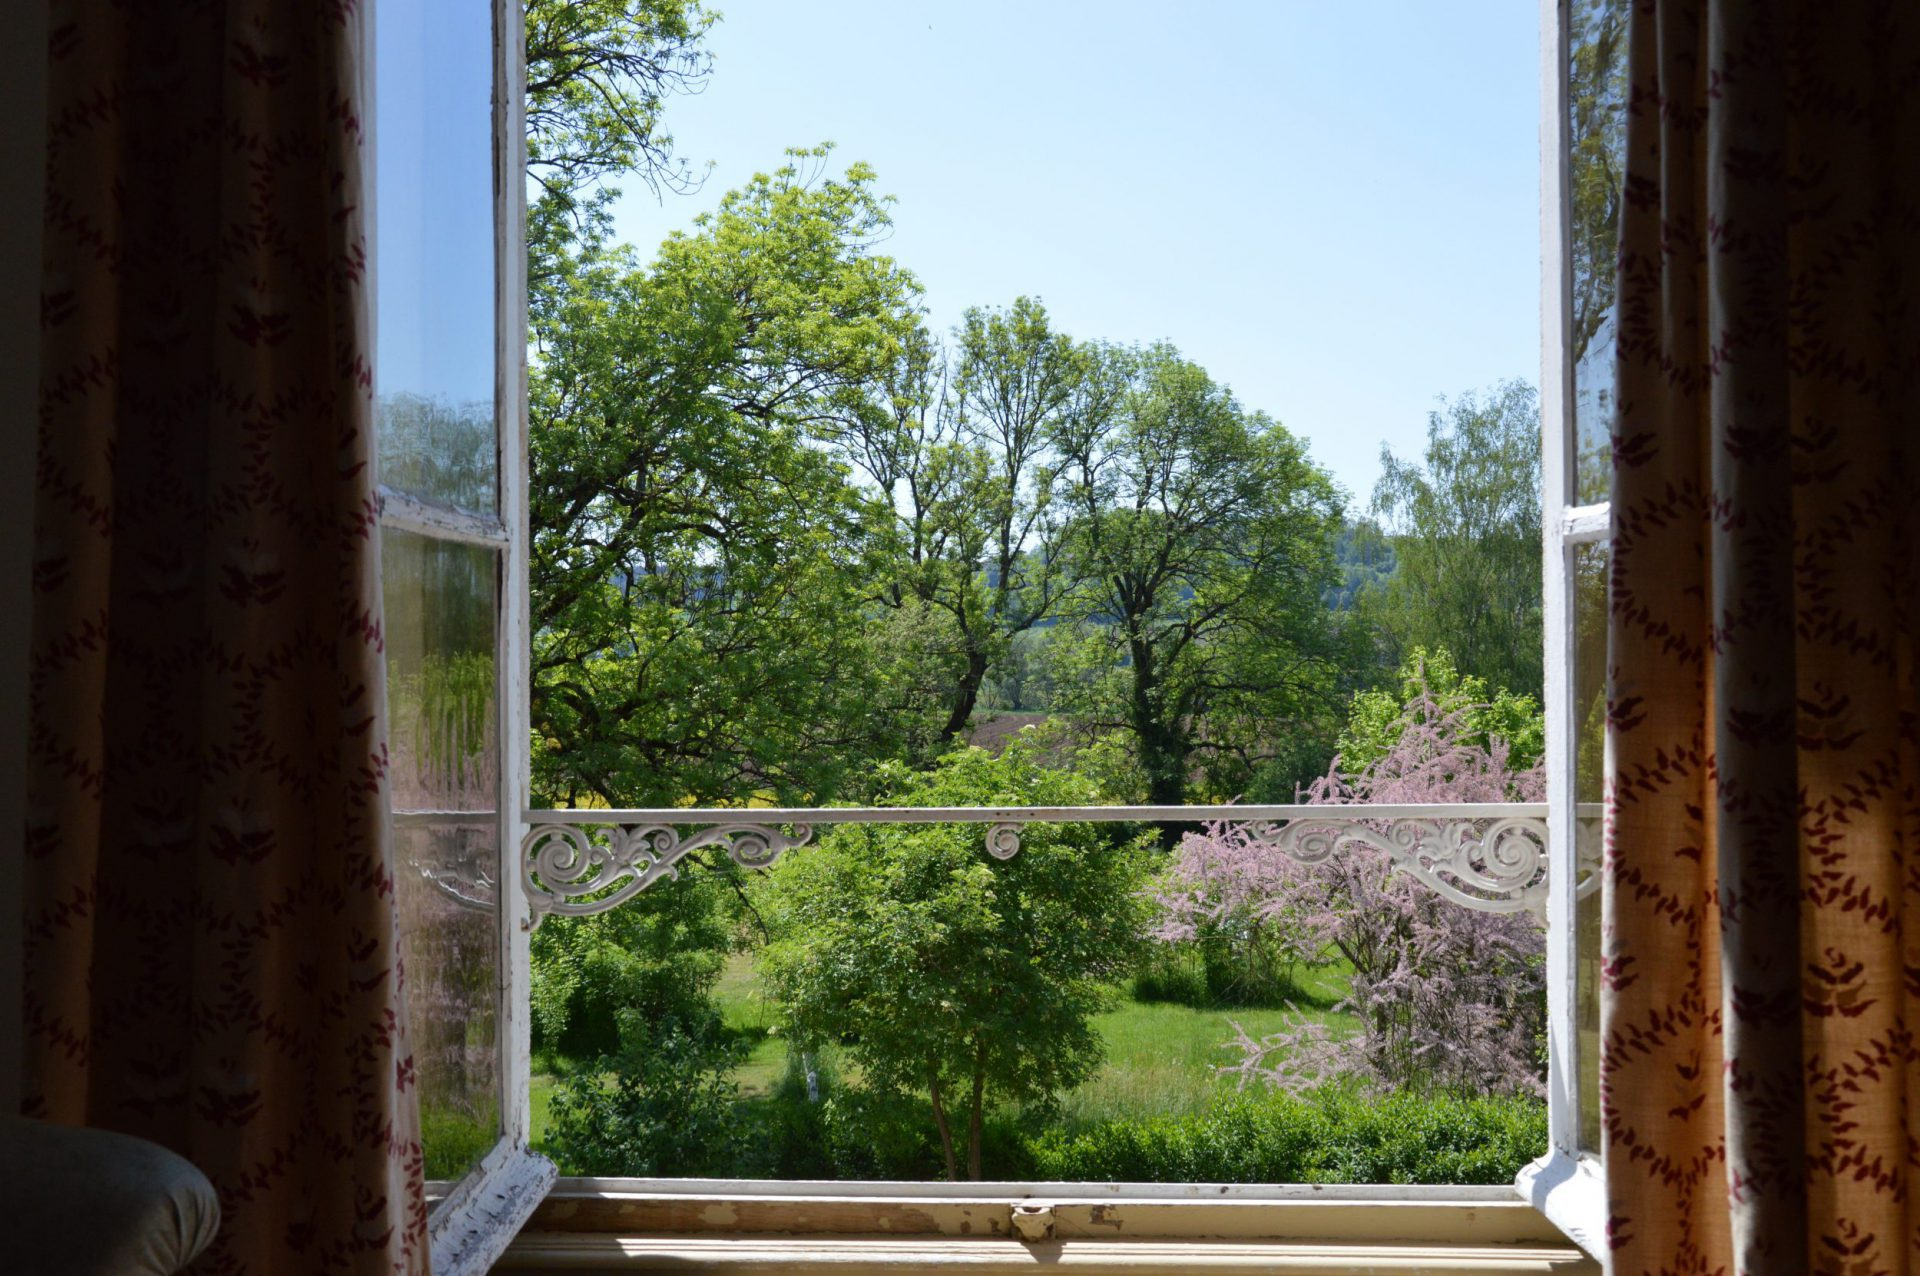 Uitzicht op bomen door openstaand raam